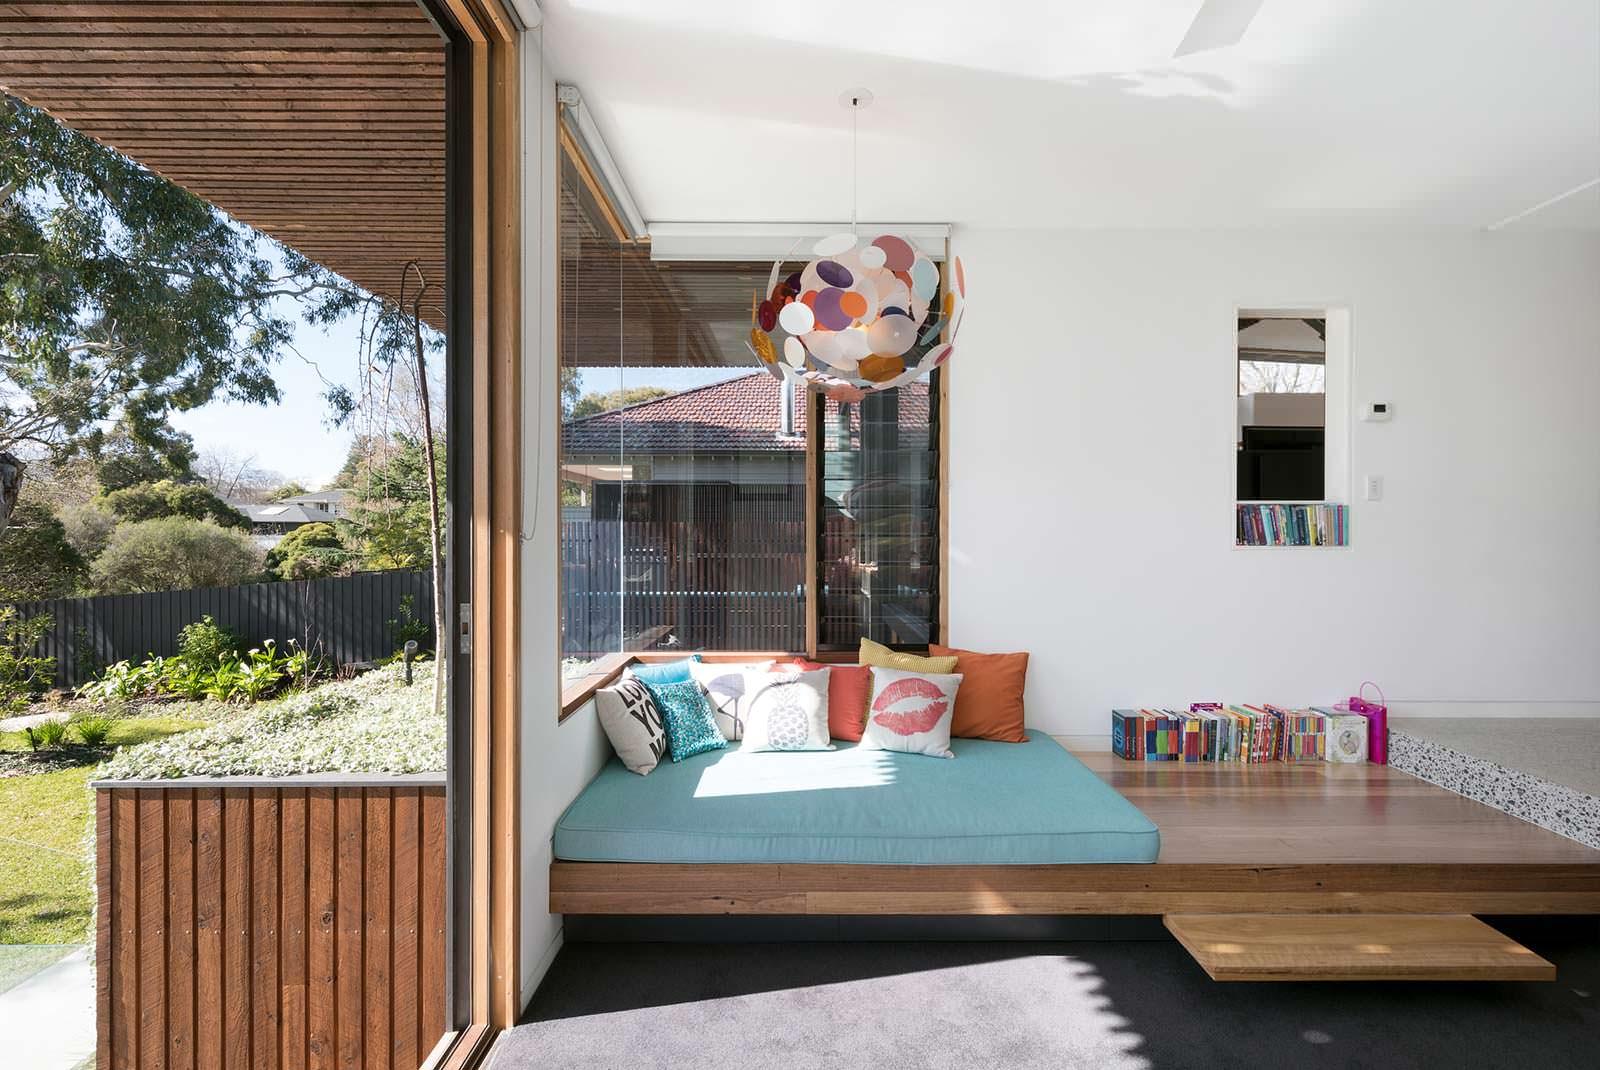 Экологичный дом. Концепция солнечный дизайн от Zen Architects